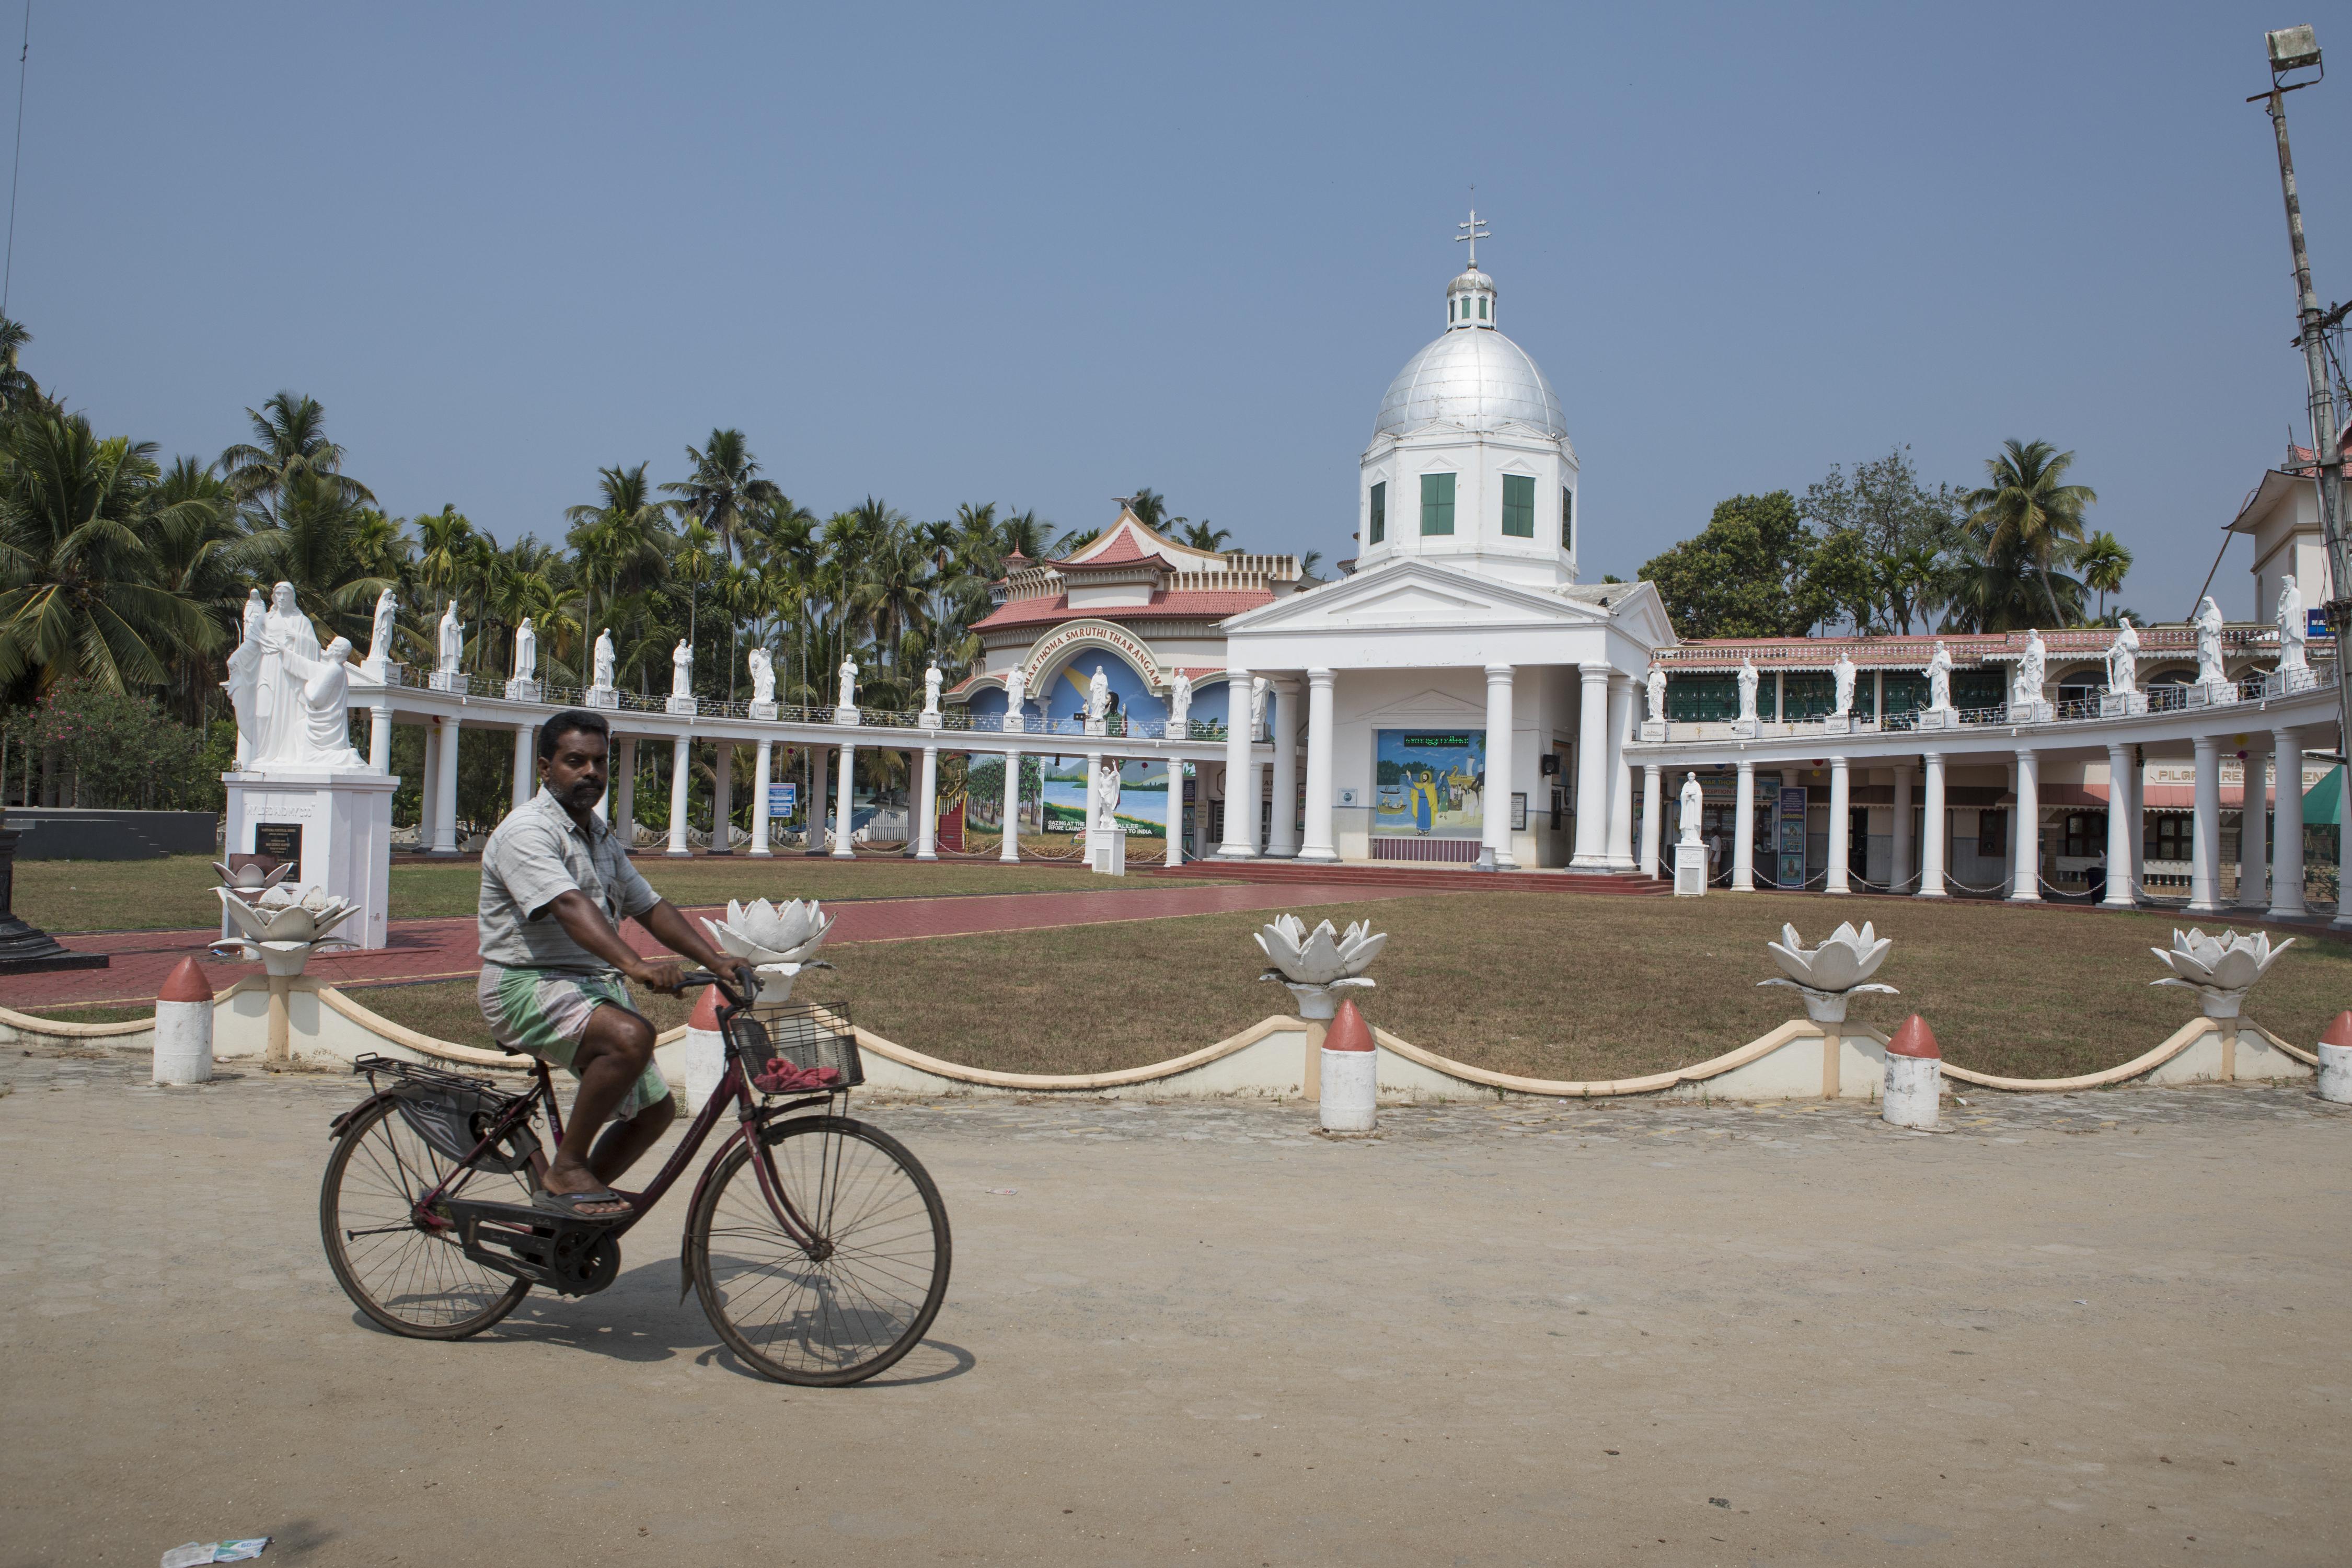 La iglesia de Mar Thoma en Kerala está ubicada en el sitio donde los católicos indios creen que Tomás, el apóstol de Jesús, desembarcó para llevar el cristianismo a la India. La fe está muy arraigada en Kerala. Samyukta Lakshmi para The New York Times